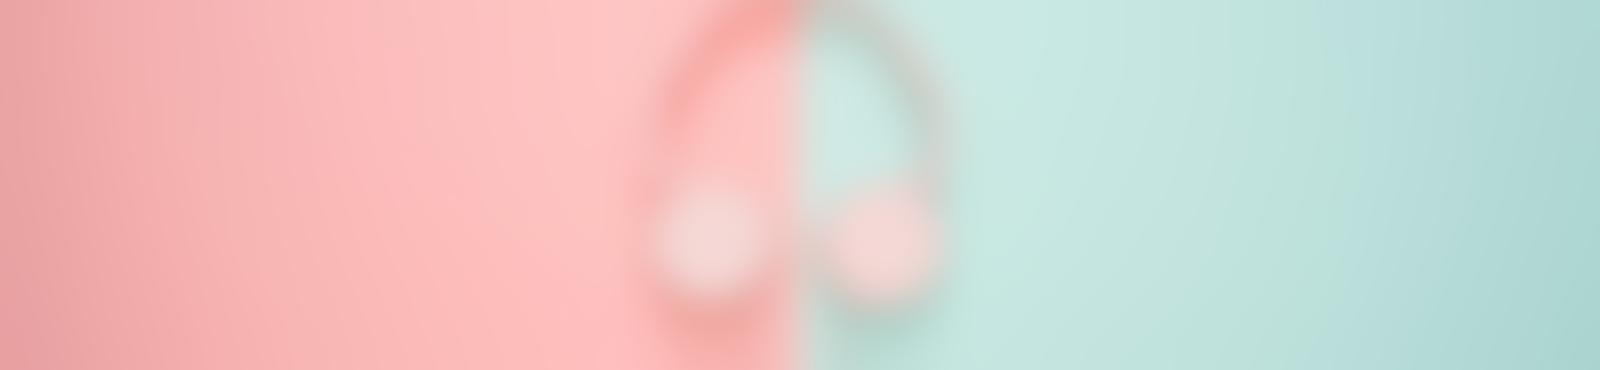 Blurred 2990508b cc8d 4502 b584 5ed4493972bd